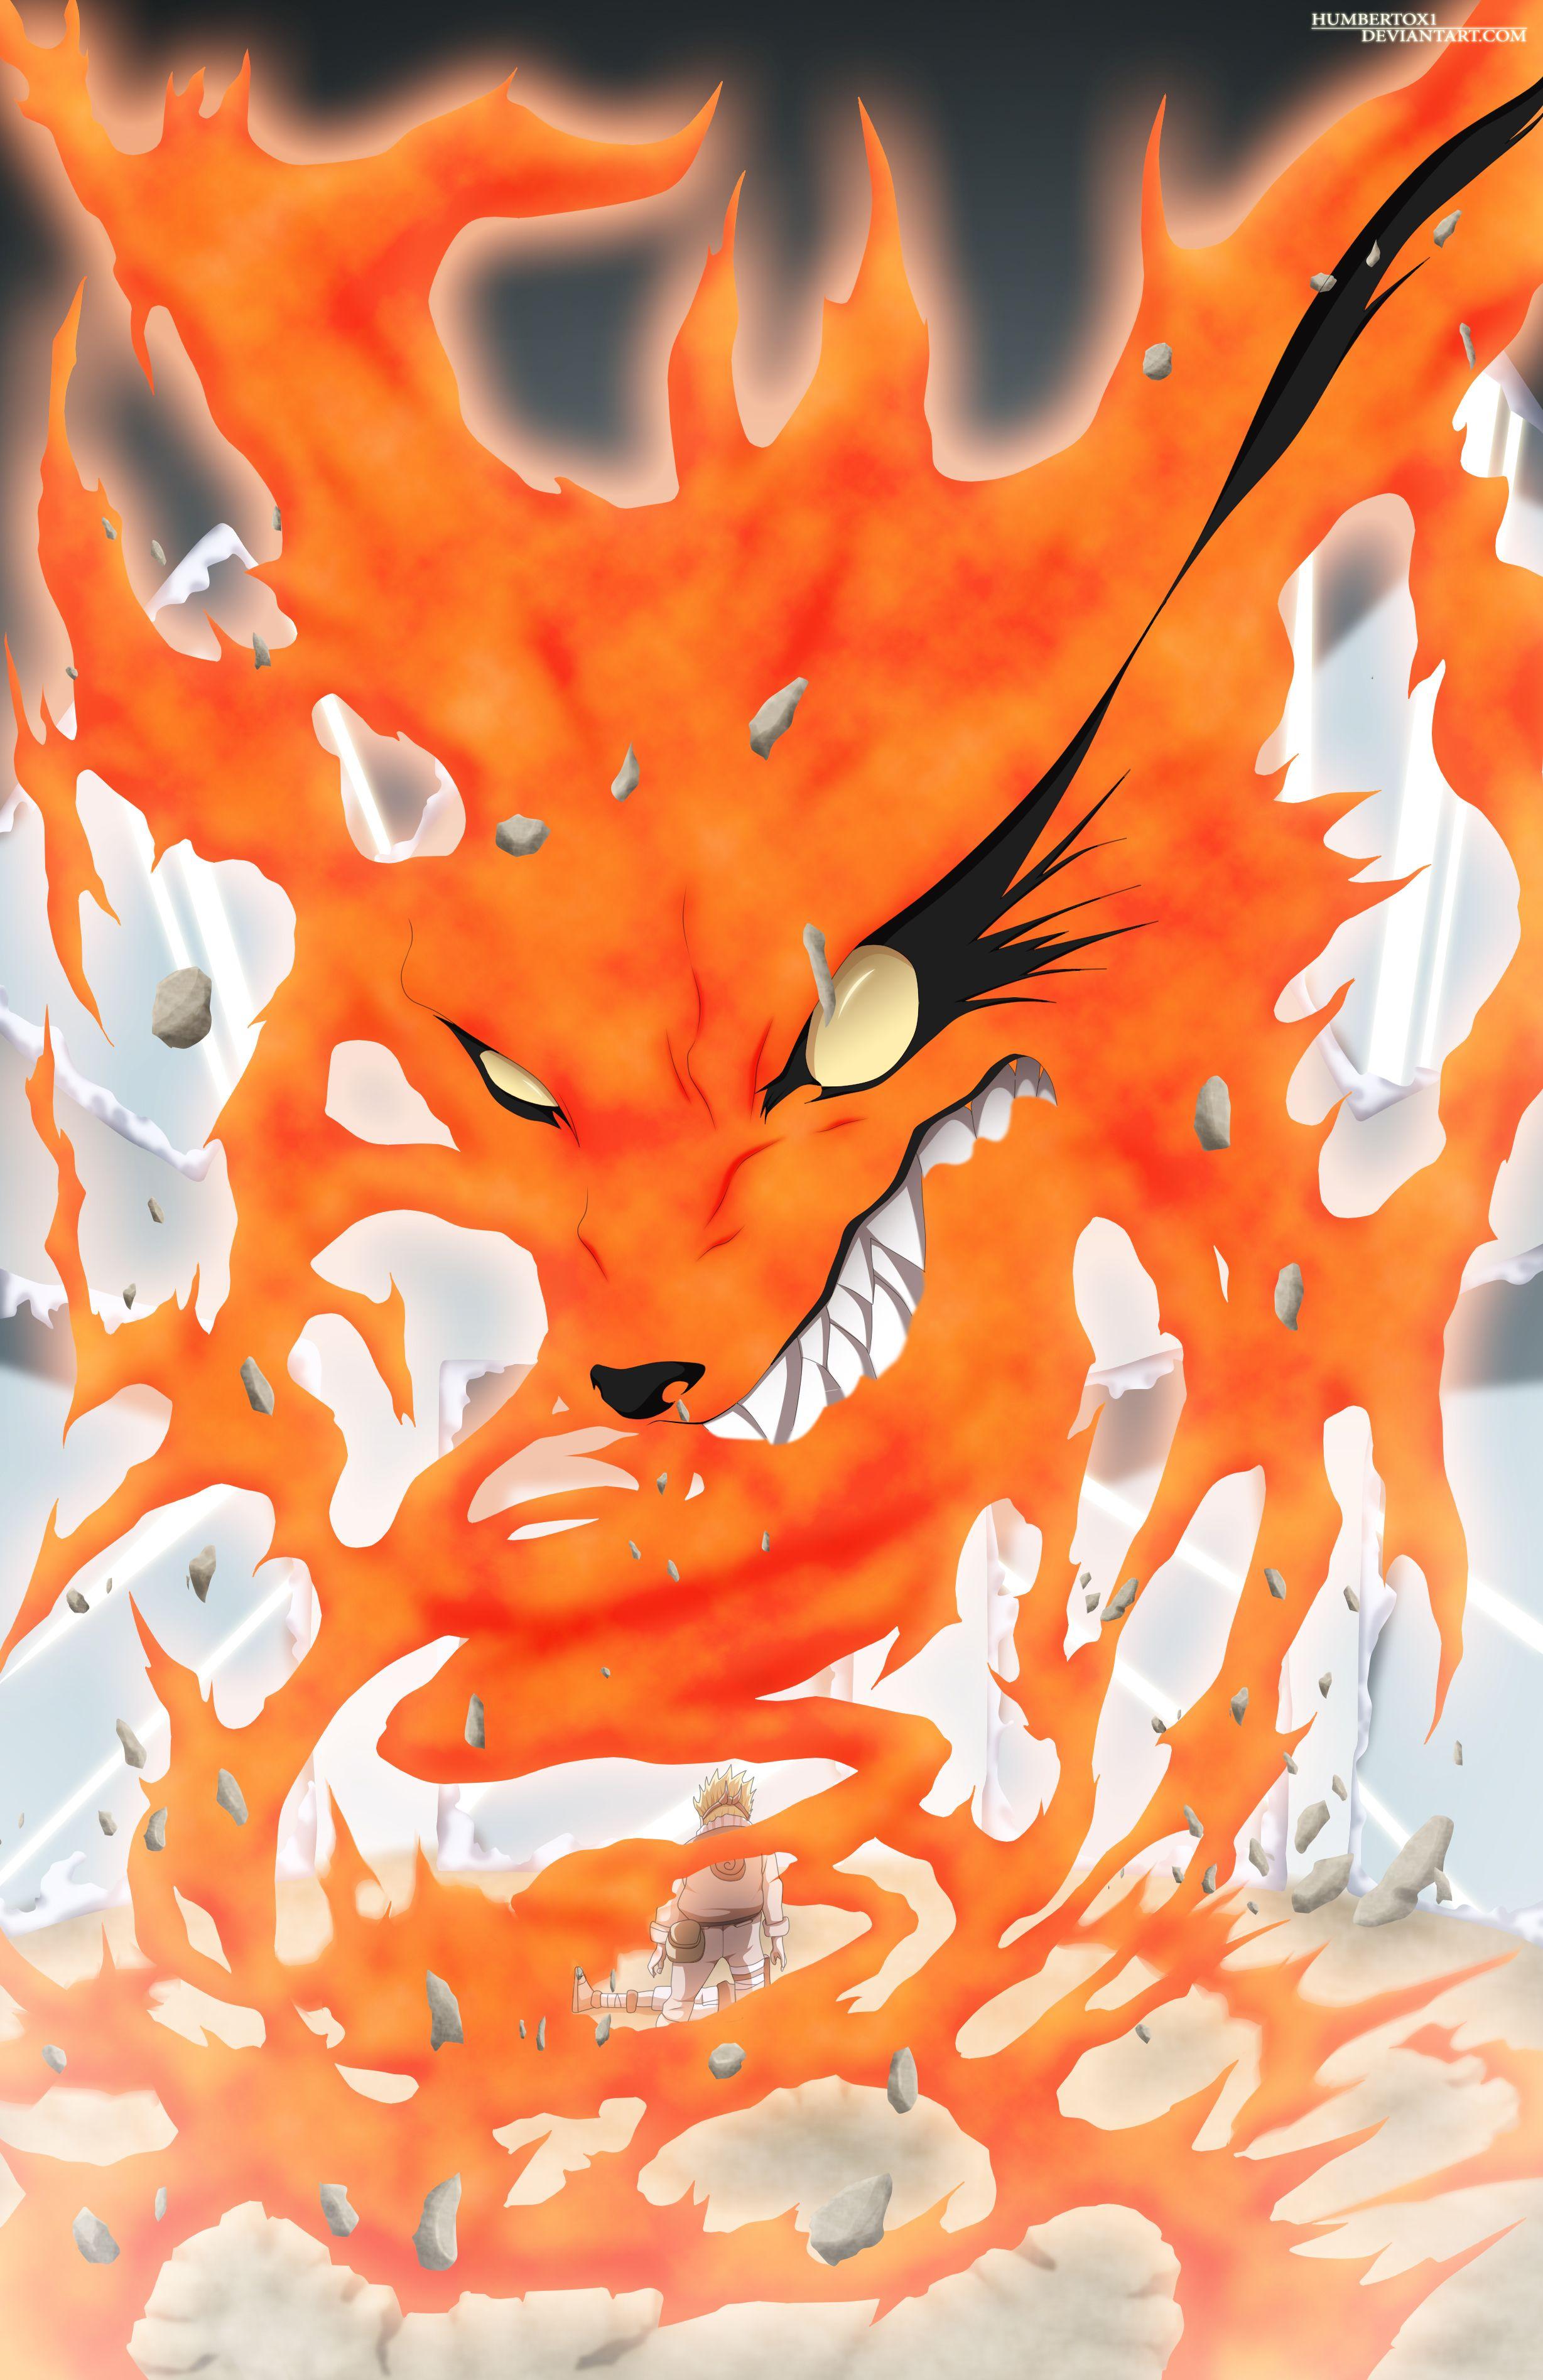 Naruto Kyubi Liberation Naruto Wallpaper Wallpaper Naruto Shippuden Naruto Shippuden Anime